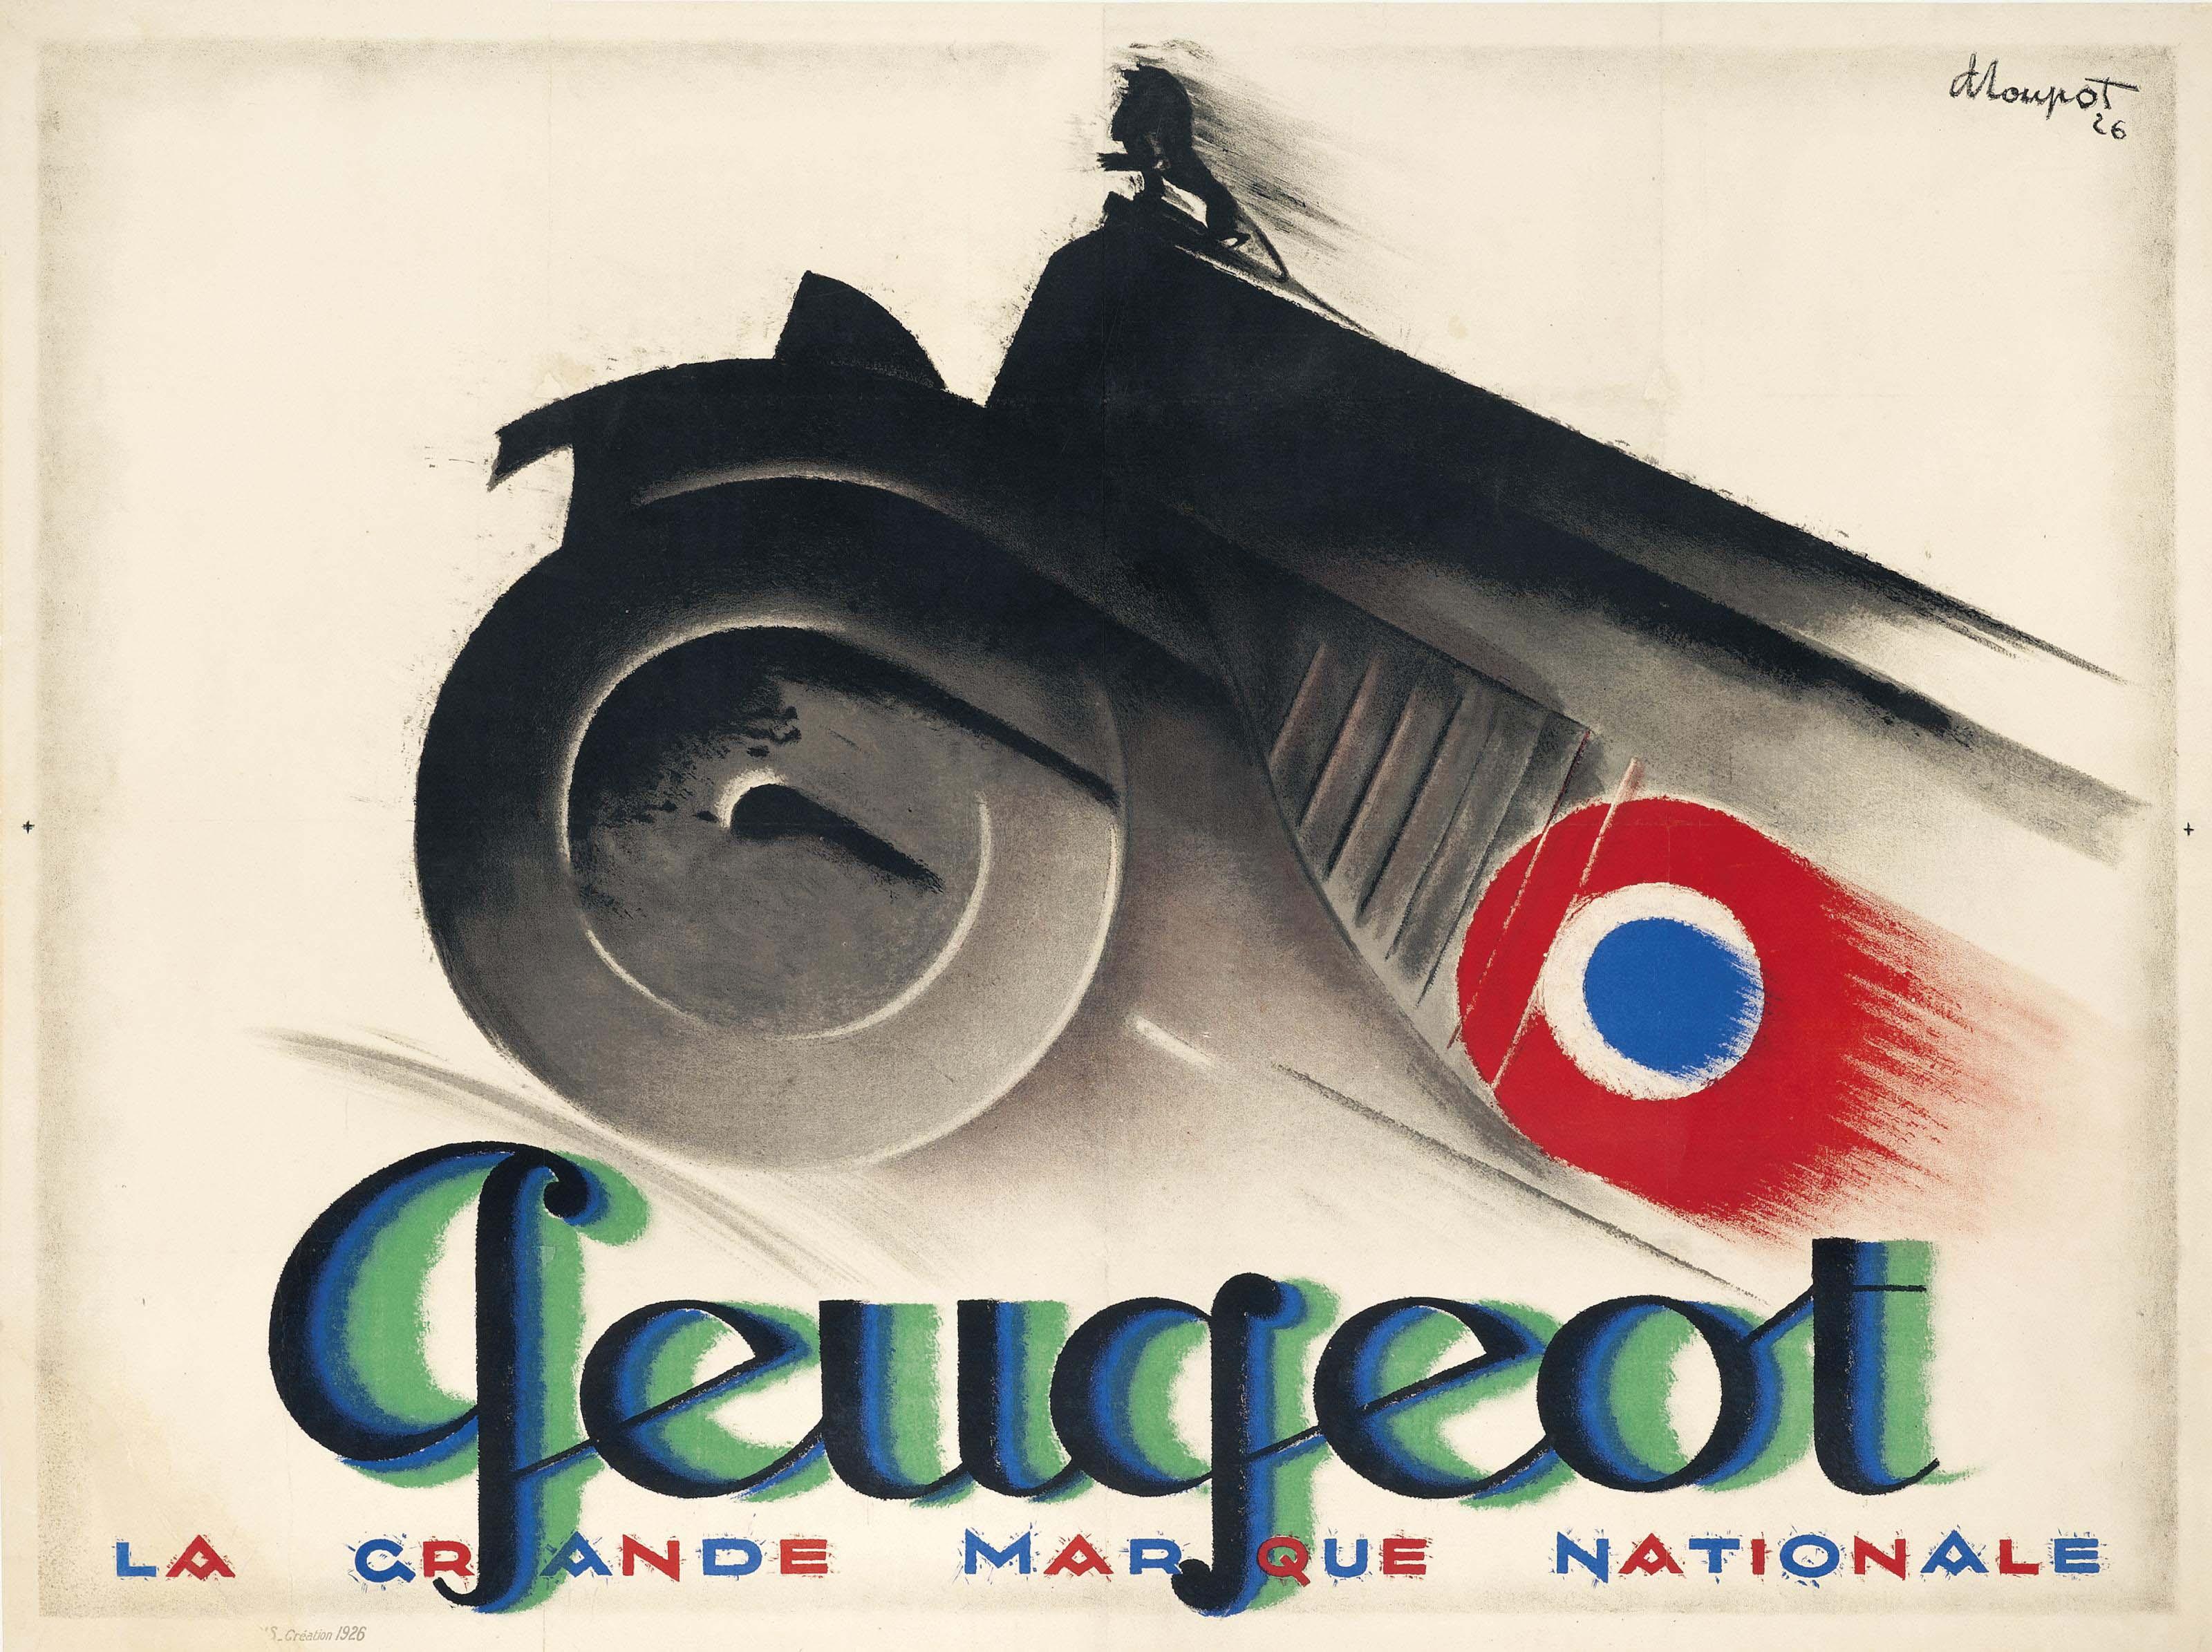 Charles Loupot (1892-1962)